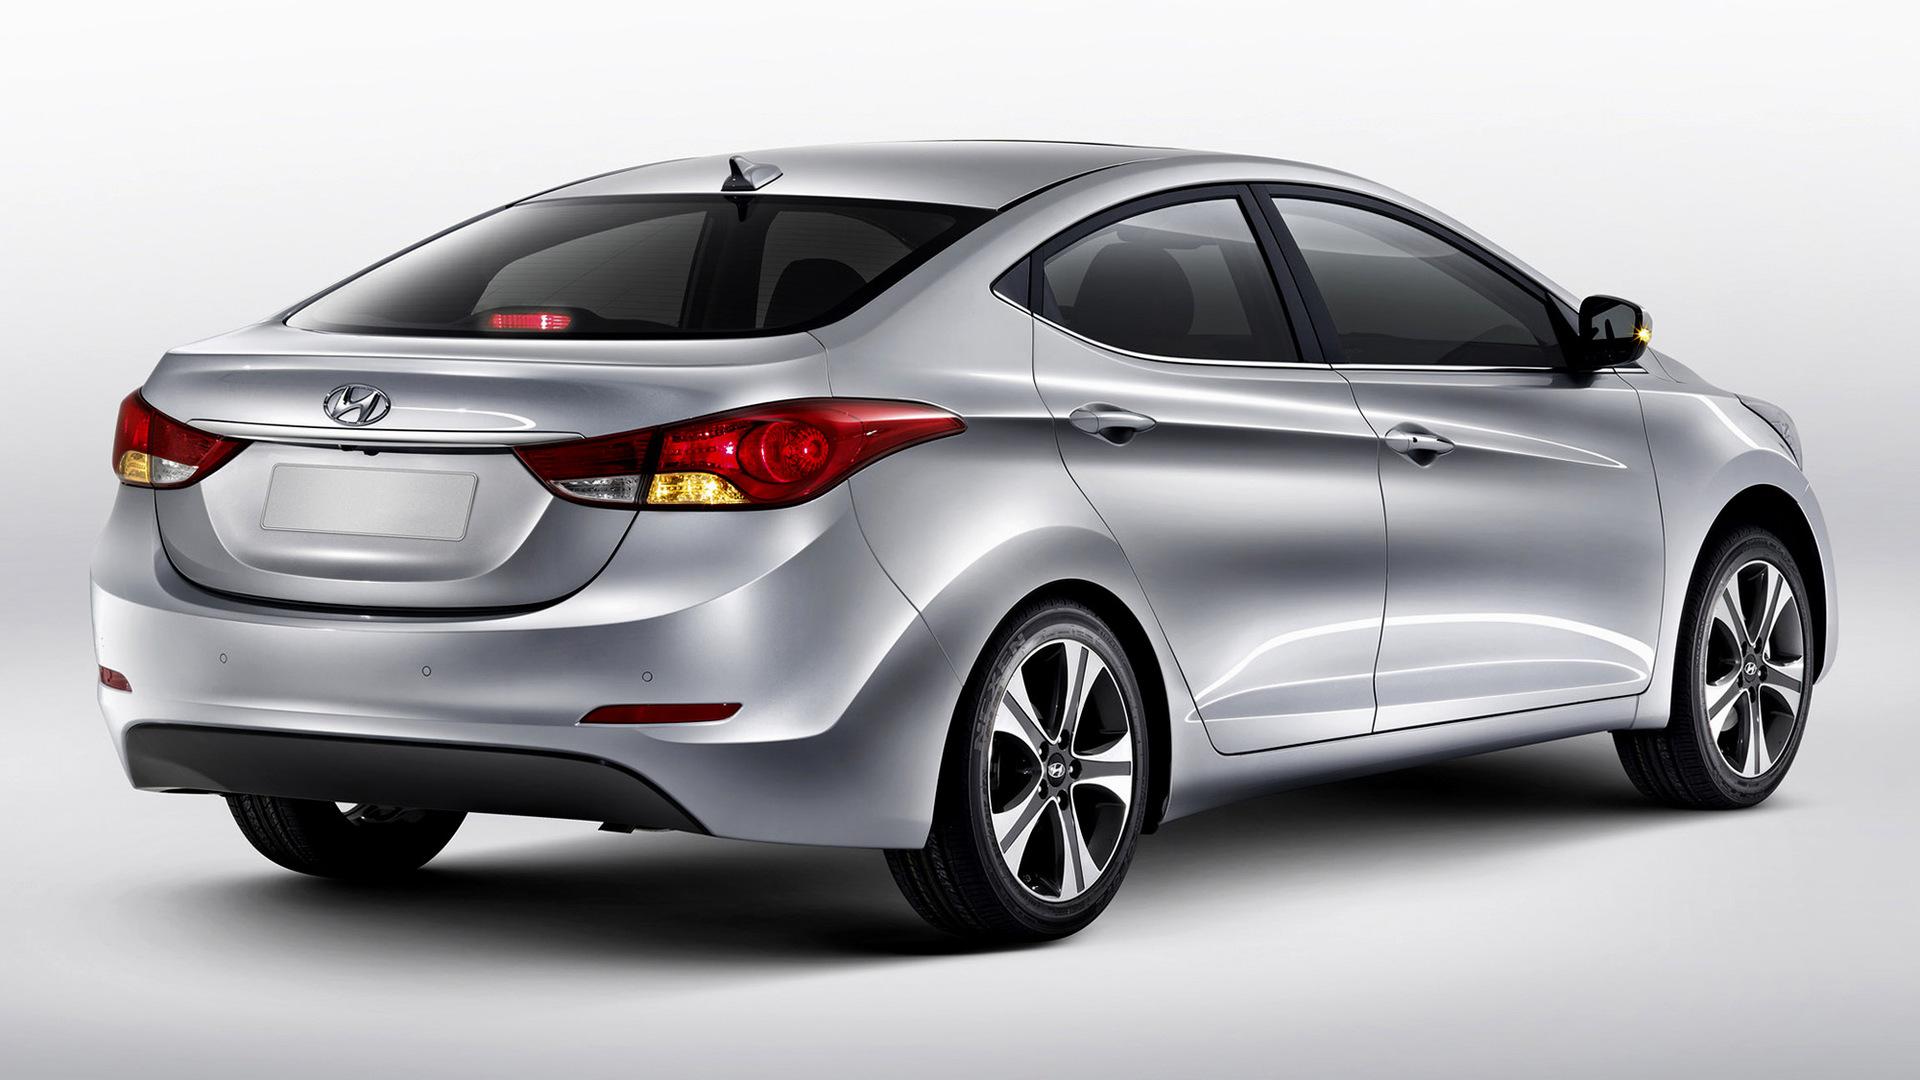 2012 Hyundai Elantra Langdong Wallpapers And Hd Images